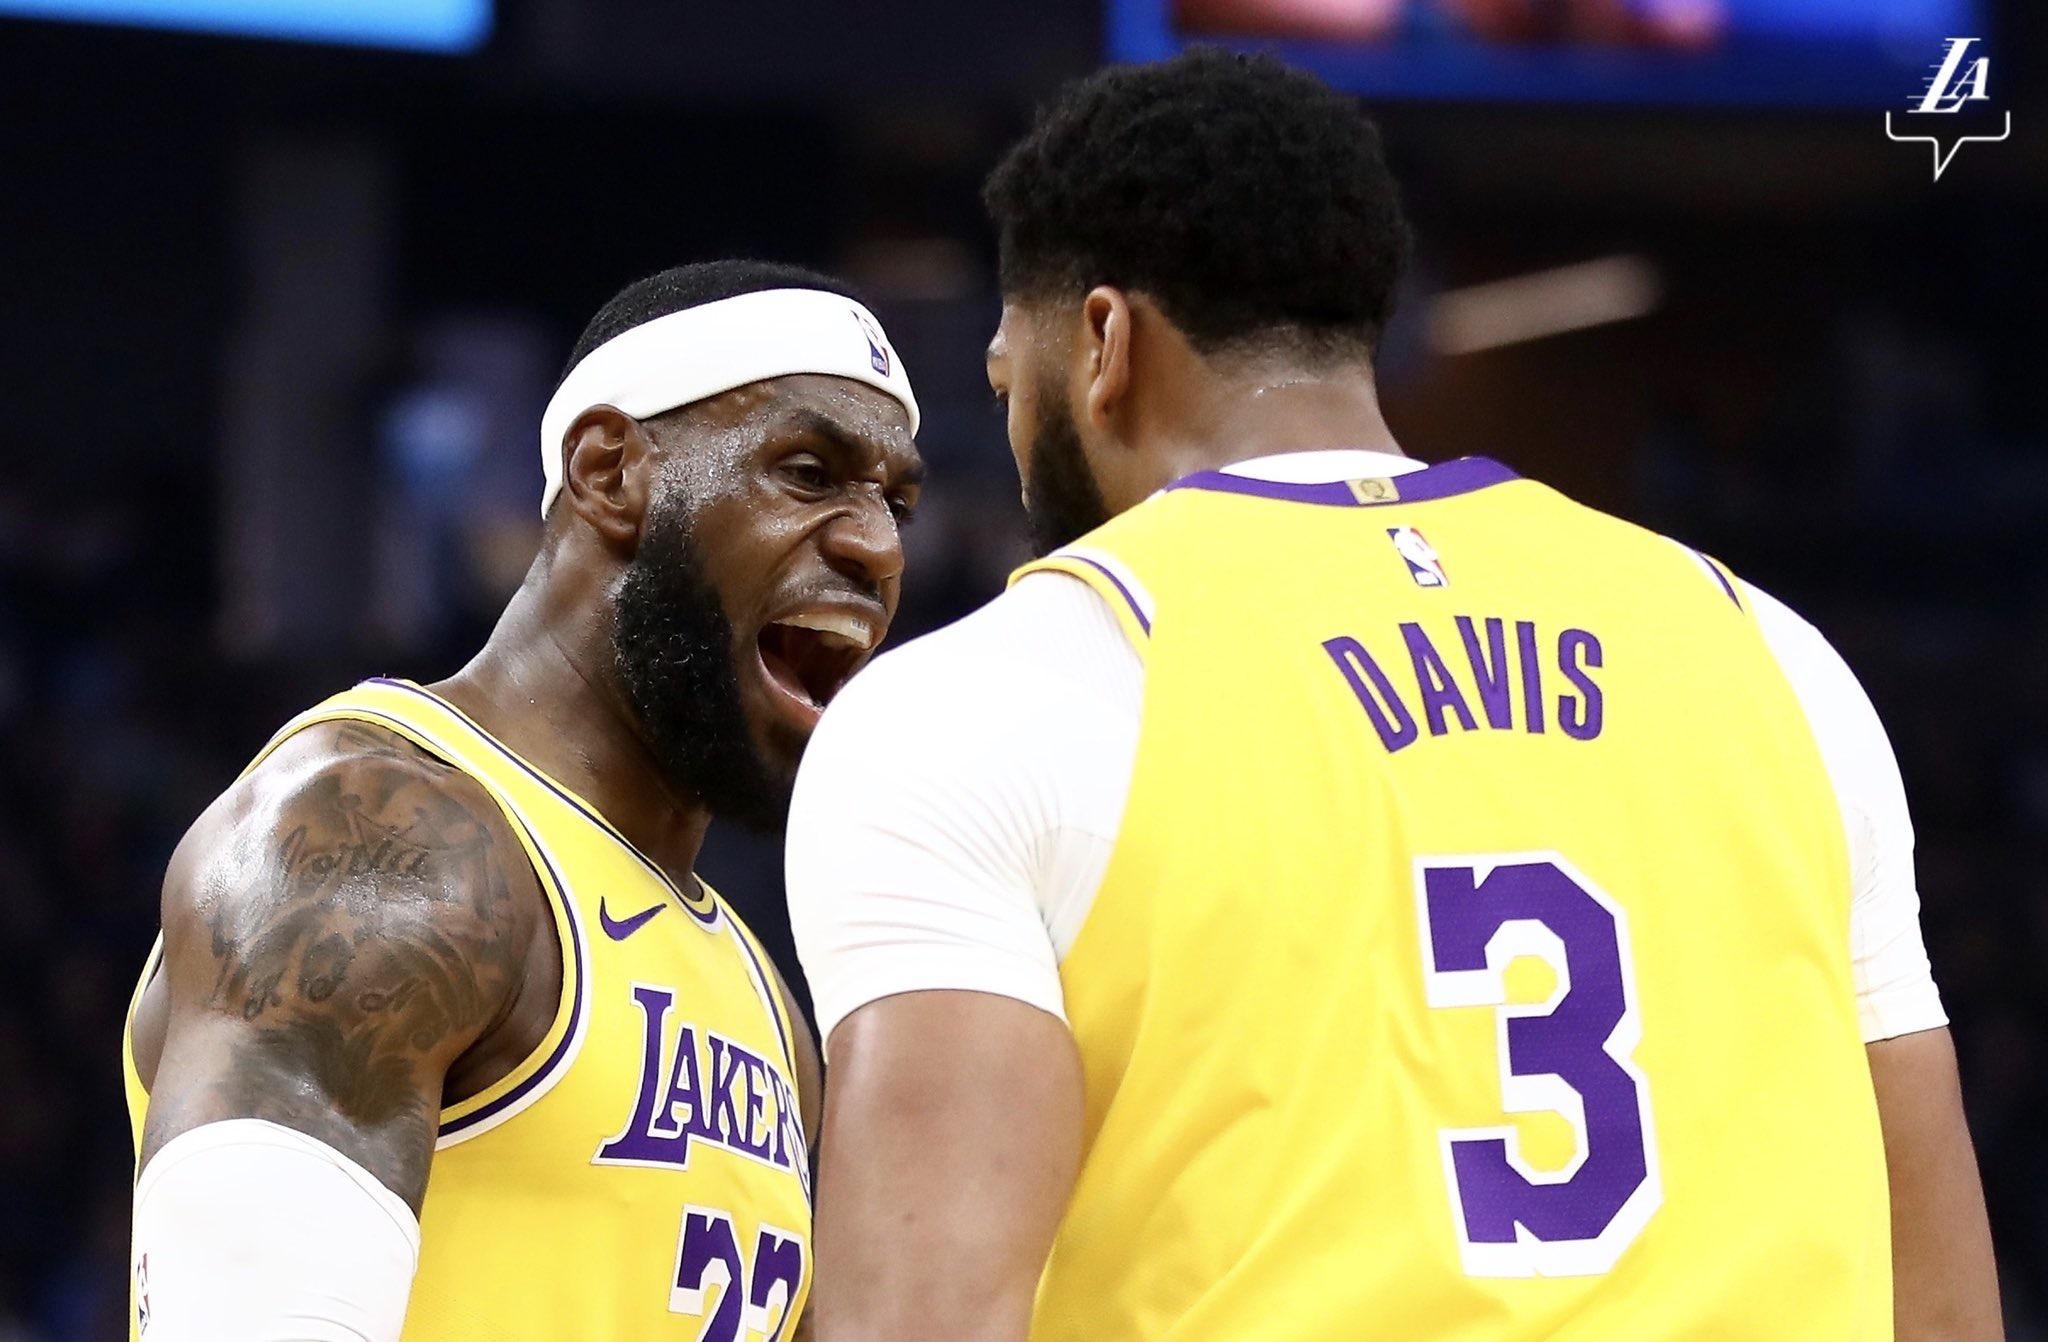 詹姆斯:戴维斯的篮球智商很棒,我们要互相促进